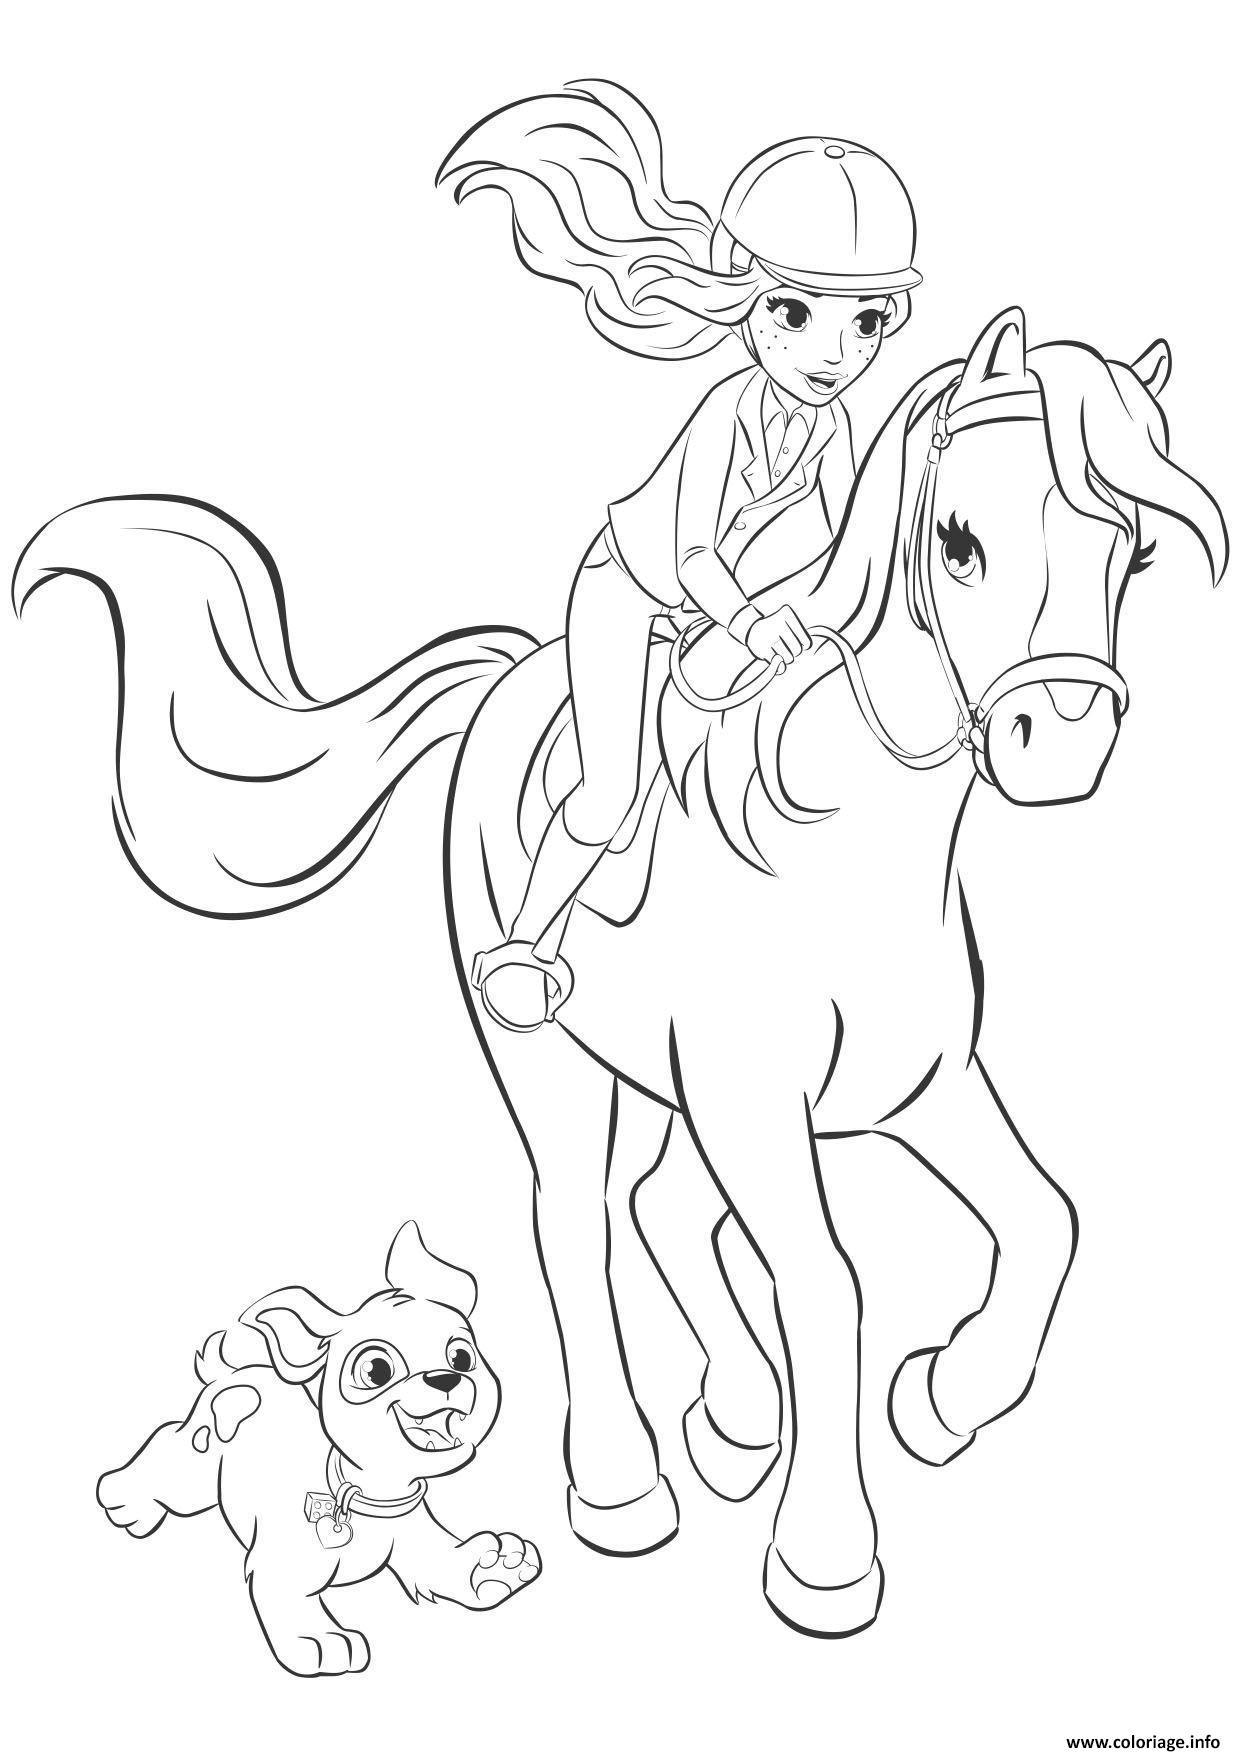 Coloriage friends mia cheval - JeColorie.com